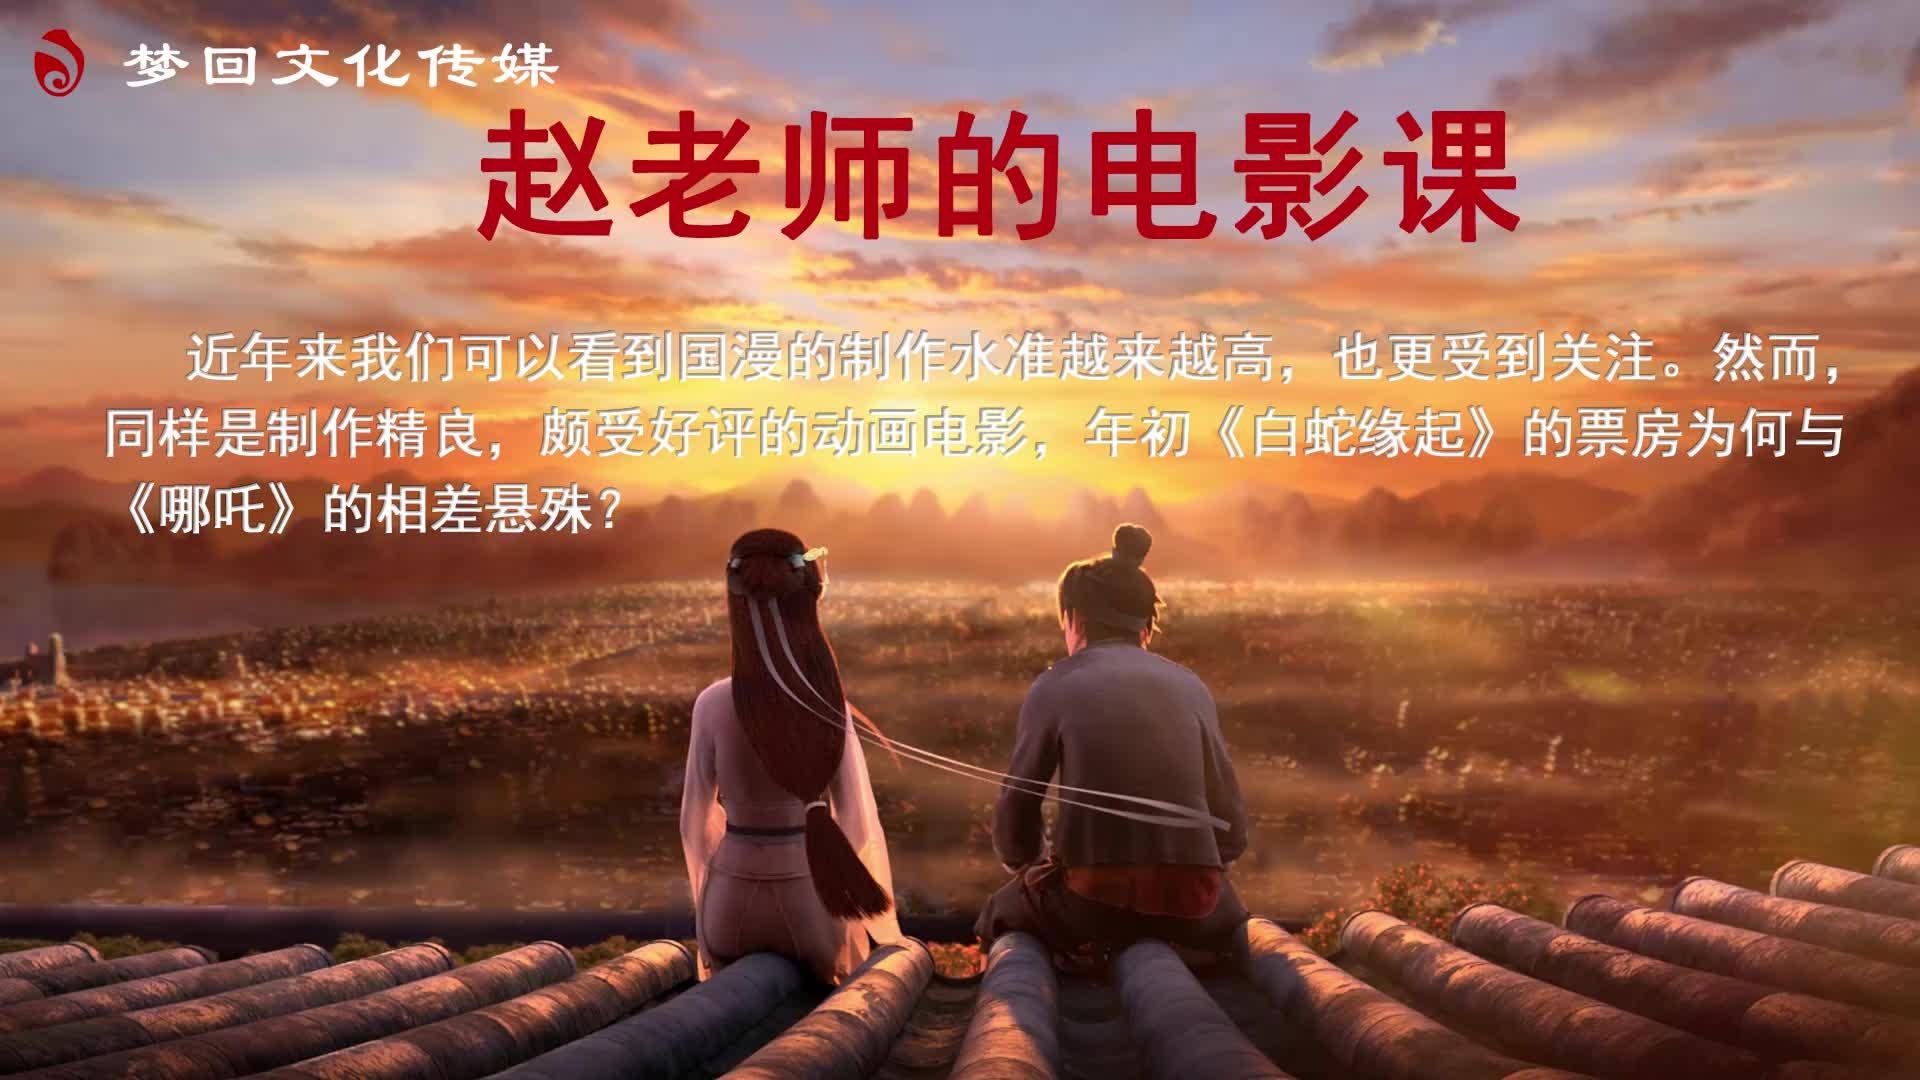 【赵老师的电影课】白蛇:缘起(二)